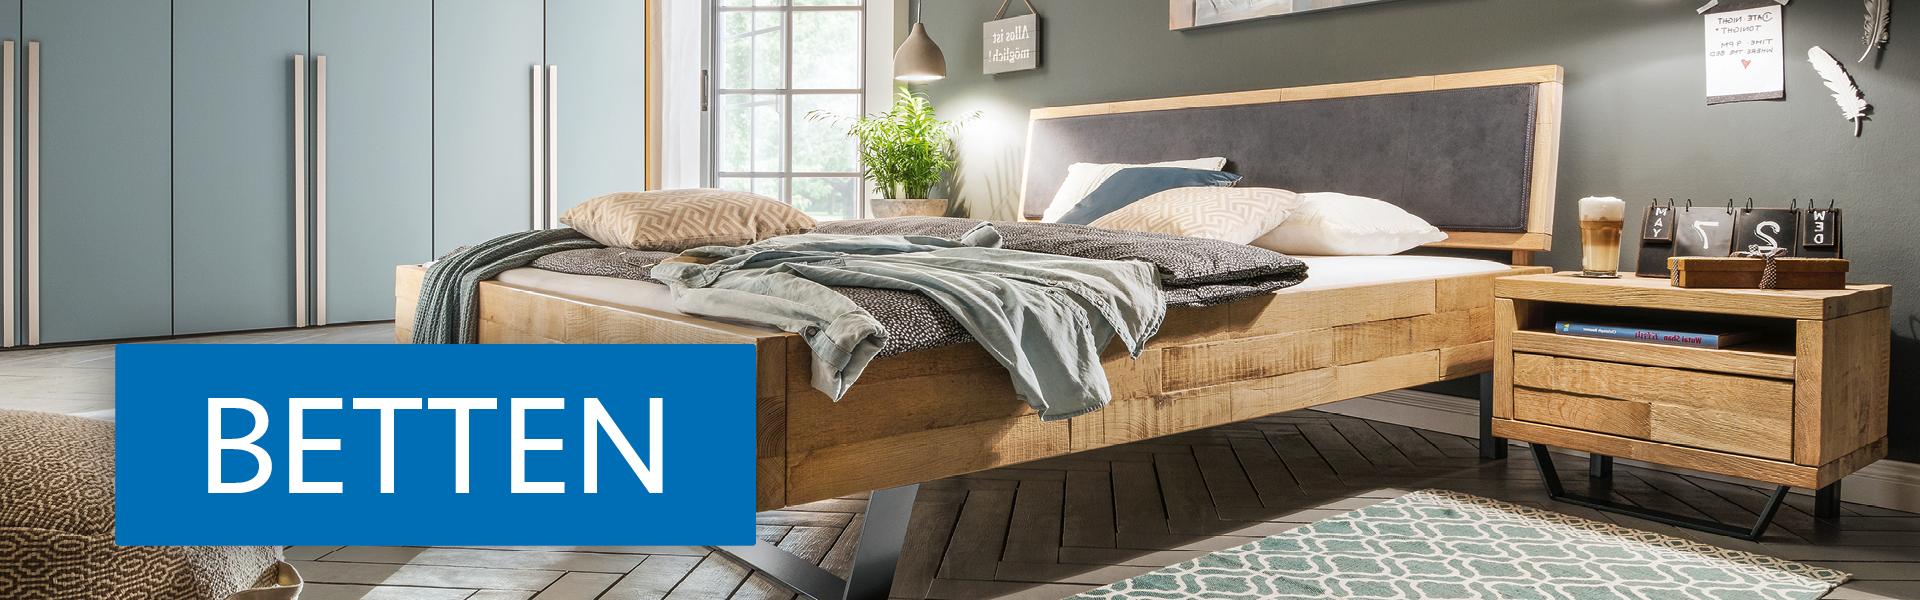 Full Size of Schlafzimmer Betten überlänge 140x200 Bei Ikea Ruf Preise Meise Aus Holz De Amerikanische Düsseldorf Dänisches Bettenlager Badezimmer Rauch Billerbeck Mit Bett Betten überlänge